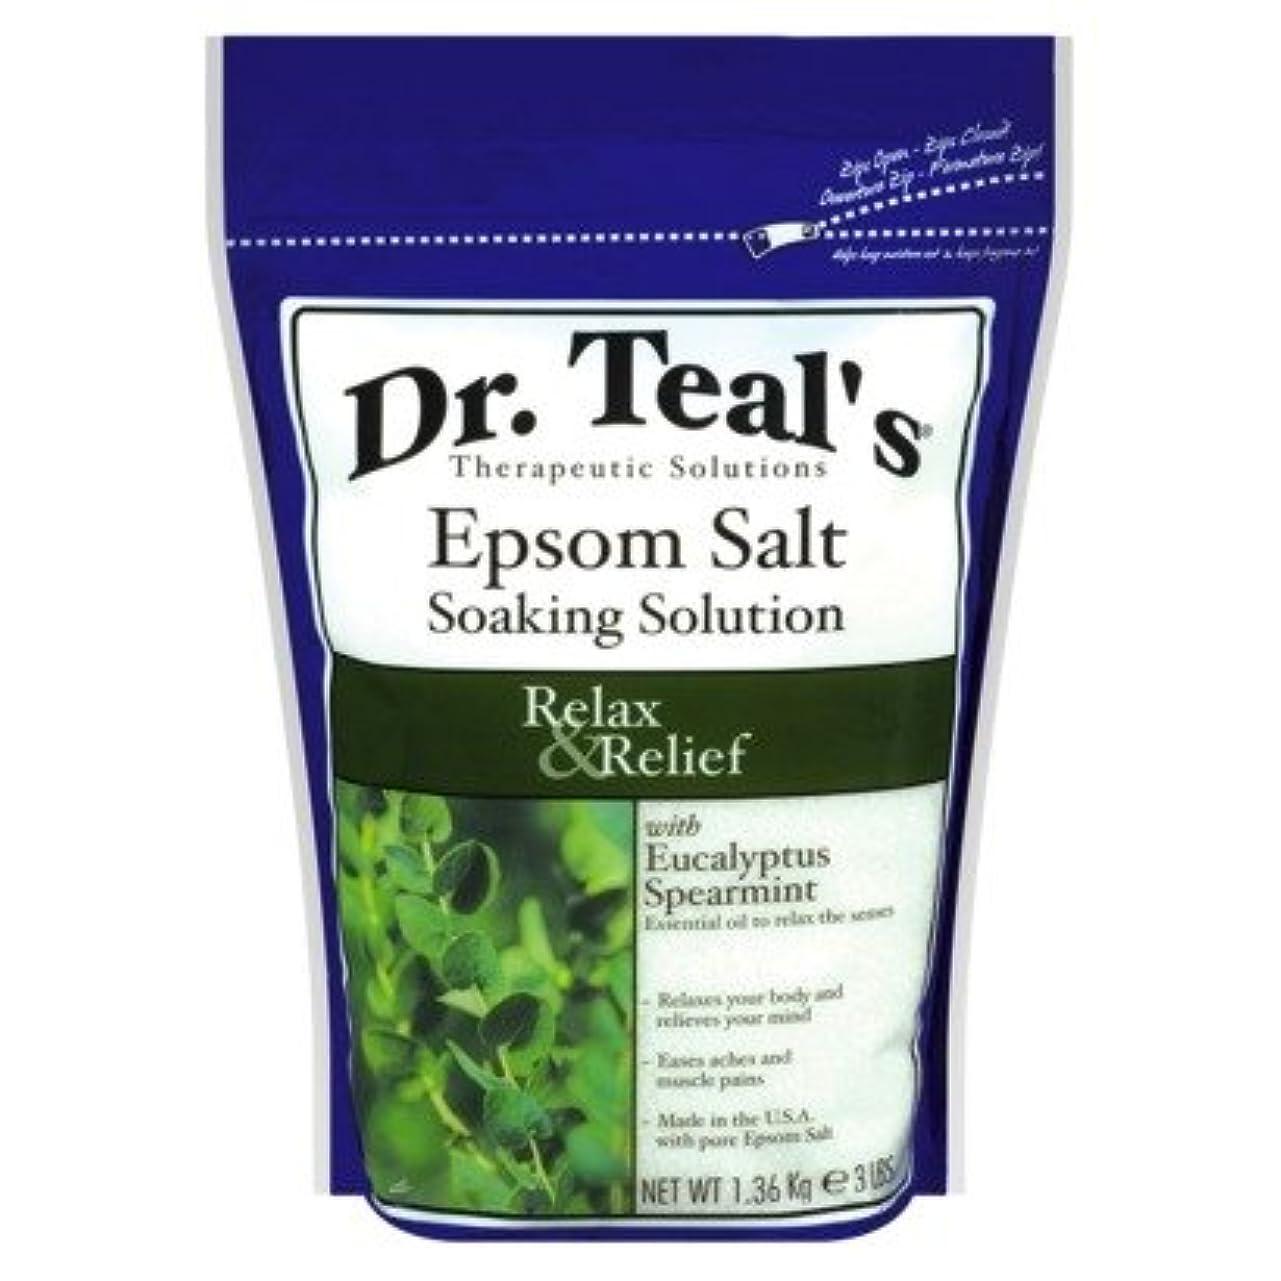 薄い解釈的広範囲【海外直送】リラックス効果 Dr. Teal's Relax Epsom Salt Eucalyptus Spearmint Soaking Solution ユーカリ&スペアミント 1.36kg